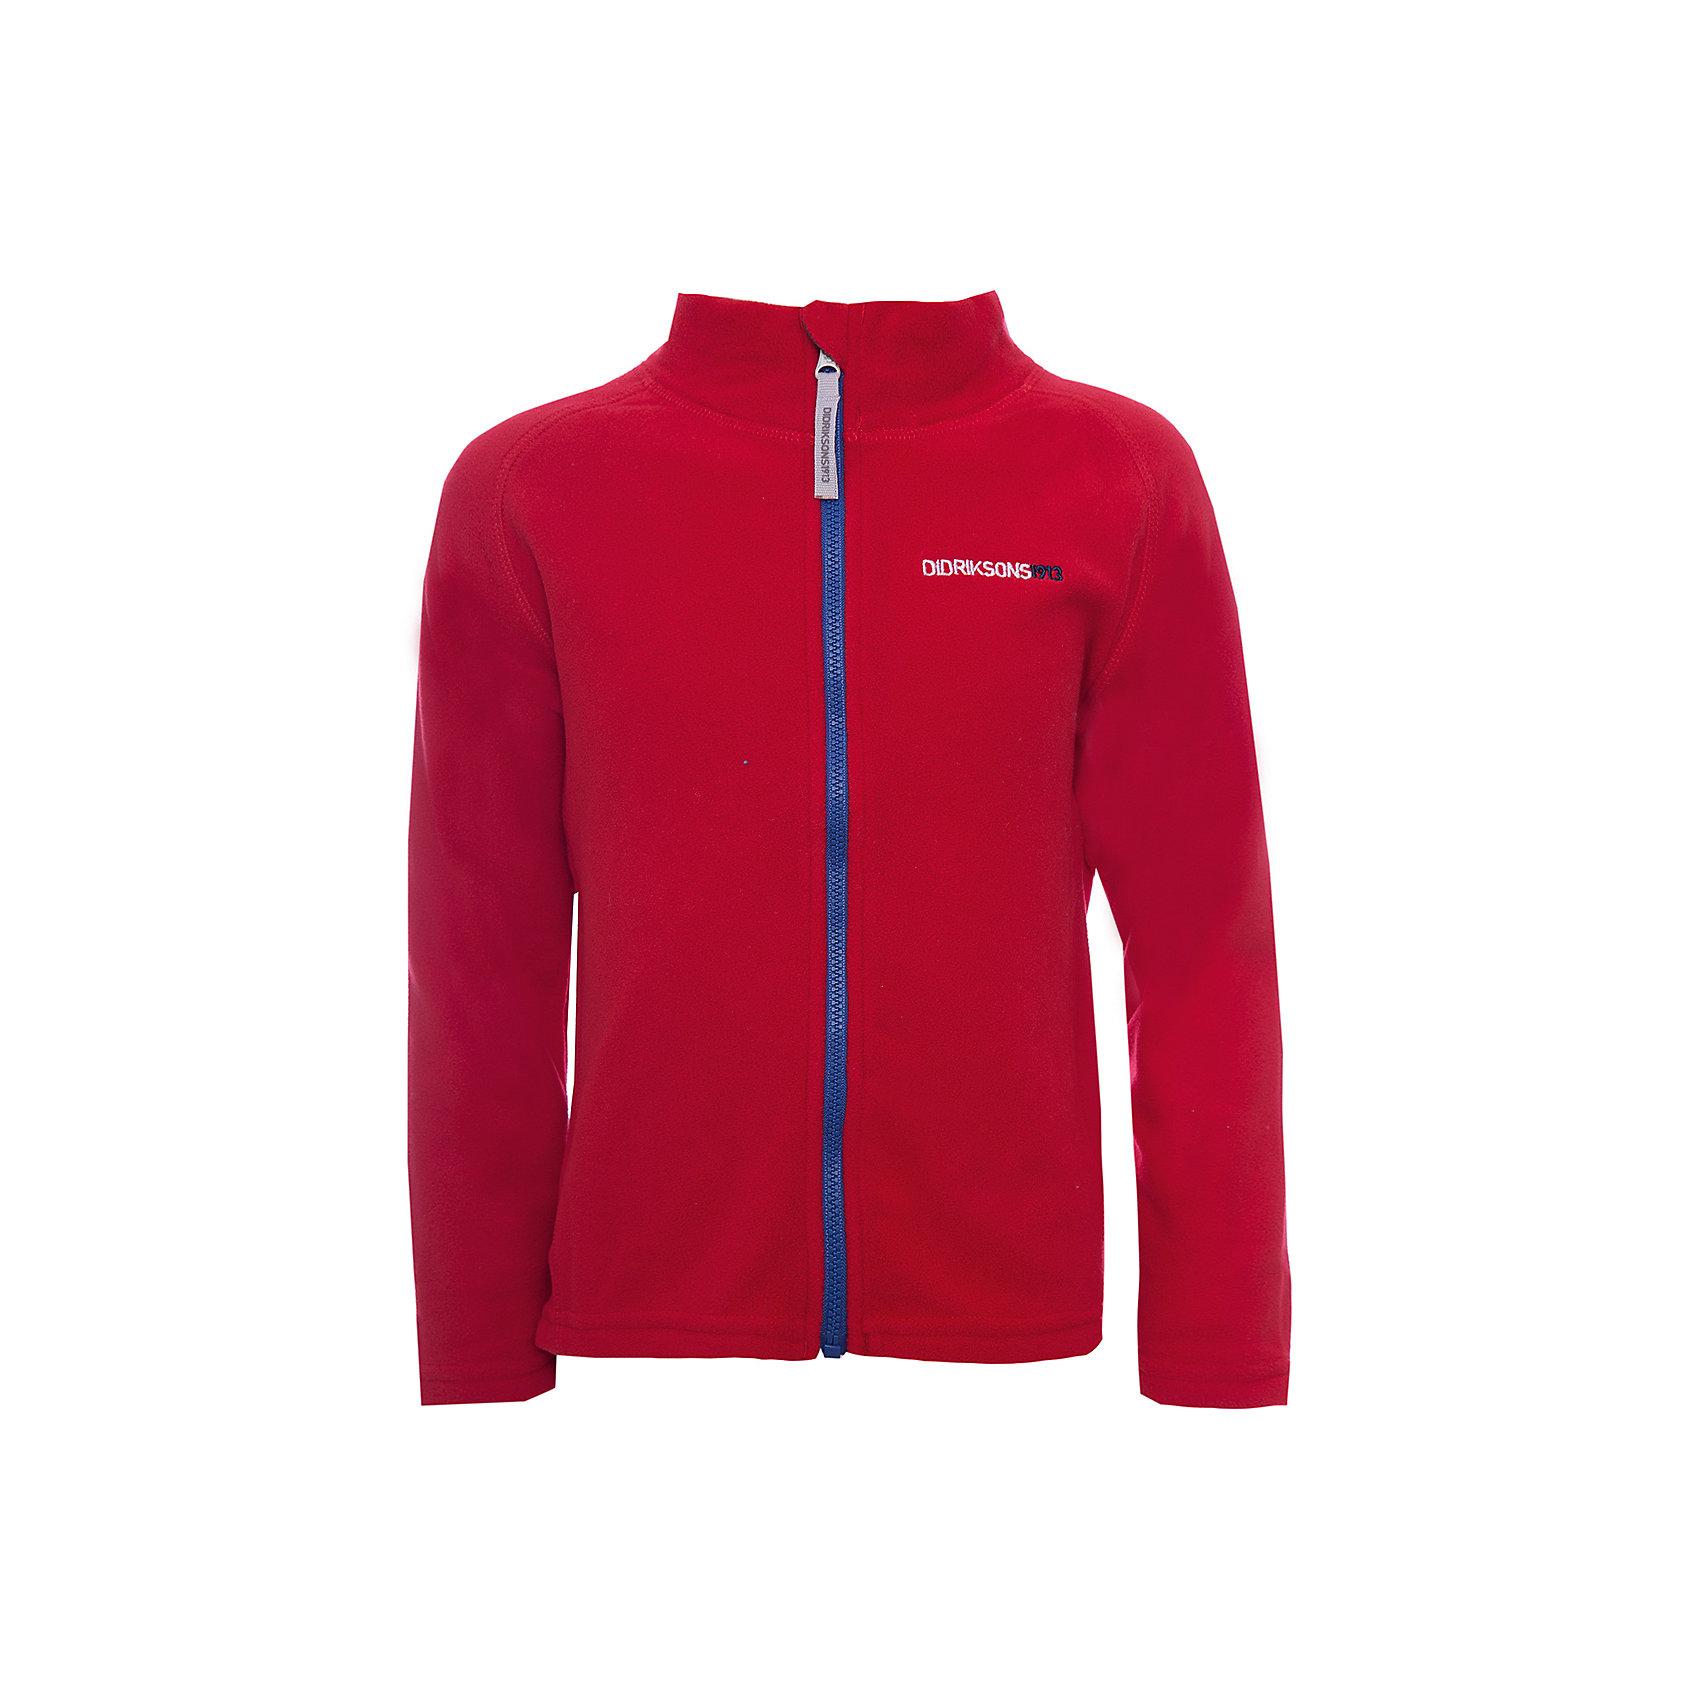 Куртка MONTE  DIDRIKSONS для мальчикаФлис и термобелье<br>Характеристики товара:<br><br>• цвет: красный<br>• состав ткани: 100% полиэстер (флис)<br>• утеплитель: нет<br>• сезон: демисезон<br>• теплоизоляционная<br>• застежка: молния<br>• страна бренда: Швеция<br>• страна изготовитель: Китай<br><br>Мягкая детская куртка может надеваться под верхнюю одежду для дополнительного утепления. Флисовая детская куртка легко надевается благодаря продуманному крою. Такая куртка для ребенка отличается комфортной посадкой. Детская куртка обладает хорошими теплоизоляционными свойствами. <br><br>Куртку для мальчика Monte Didriksons (Дидриксонс) можно купить в нашем интернет-магазине.<br><br>Ширина мм: 356<br>Глубина мм: 10<br>Высота мм: 245<br>Вес г: 519<br>Цвет: красный<br>Возраст от месяцев: 12<br>Возраст до месяцев: 15<br>Пол: Мужской<br>Возраст: Детский<br>Размер: 80,140,130,120,110,100,90<br>SKU: 7045064